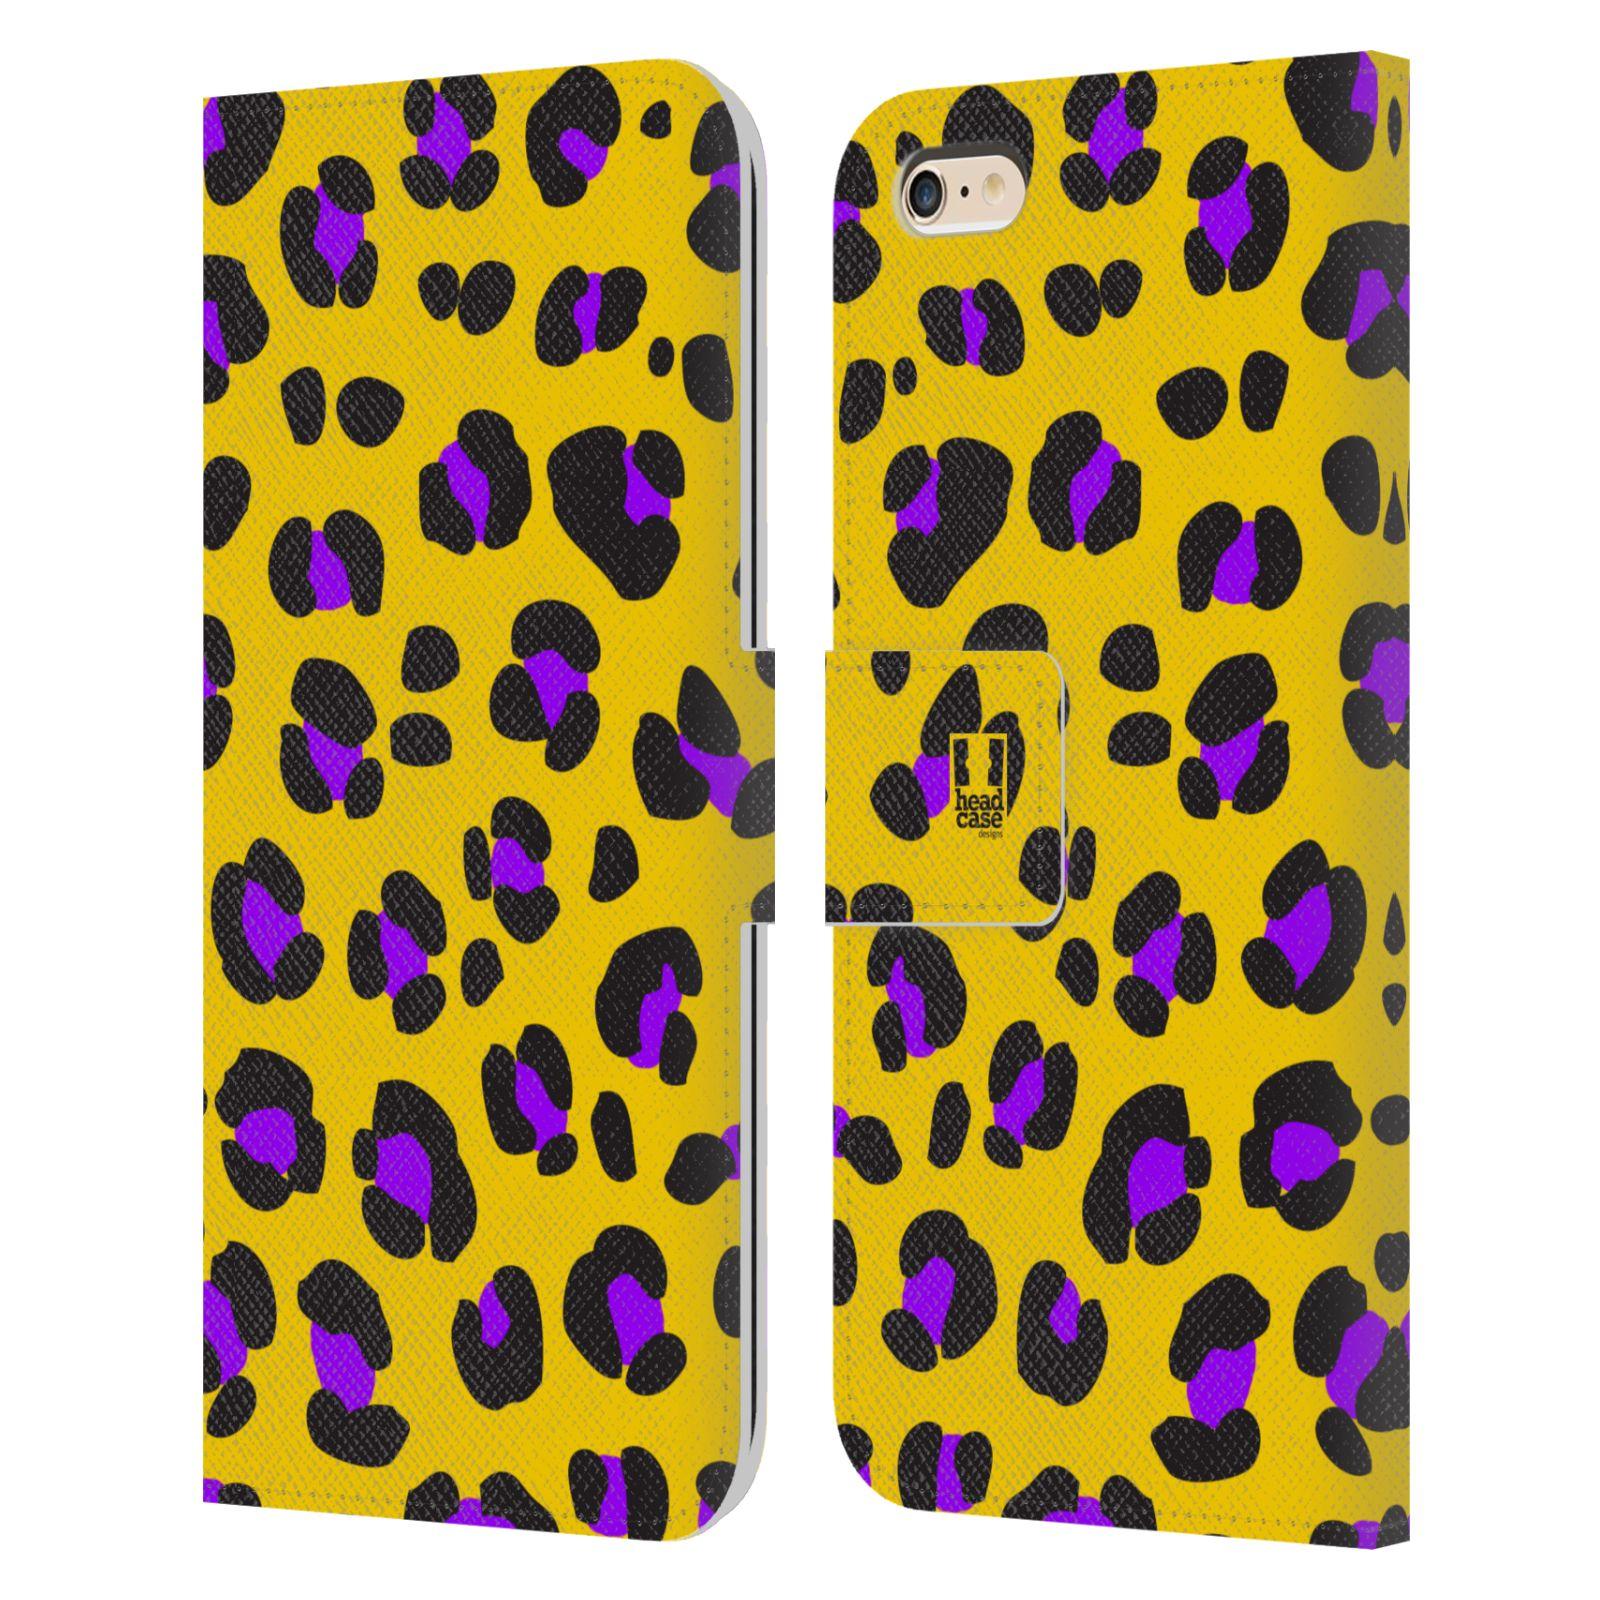 HEAD CASE Flipové pouzdro pro mobil Apple Iphone 6 PLUS / 6S PLUS Zvířecí barevné vzory žlutý leopard fialové skvrny